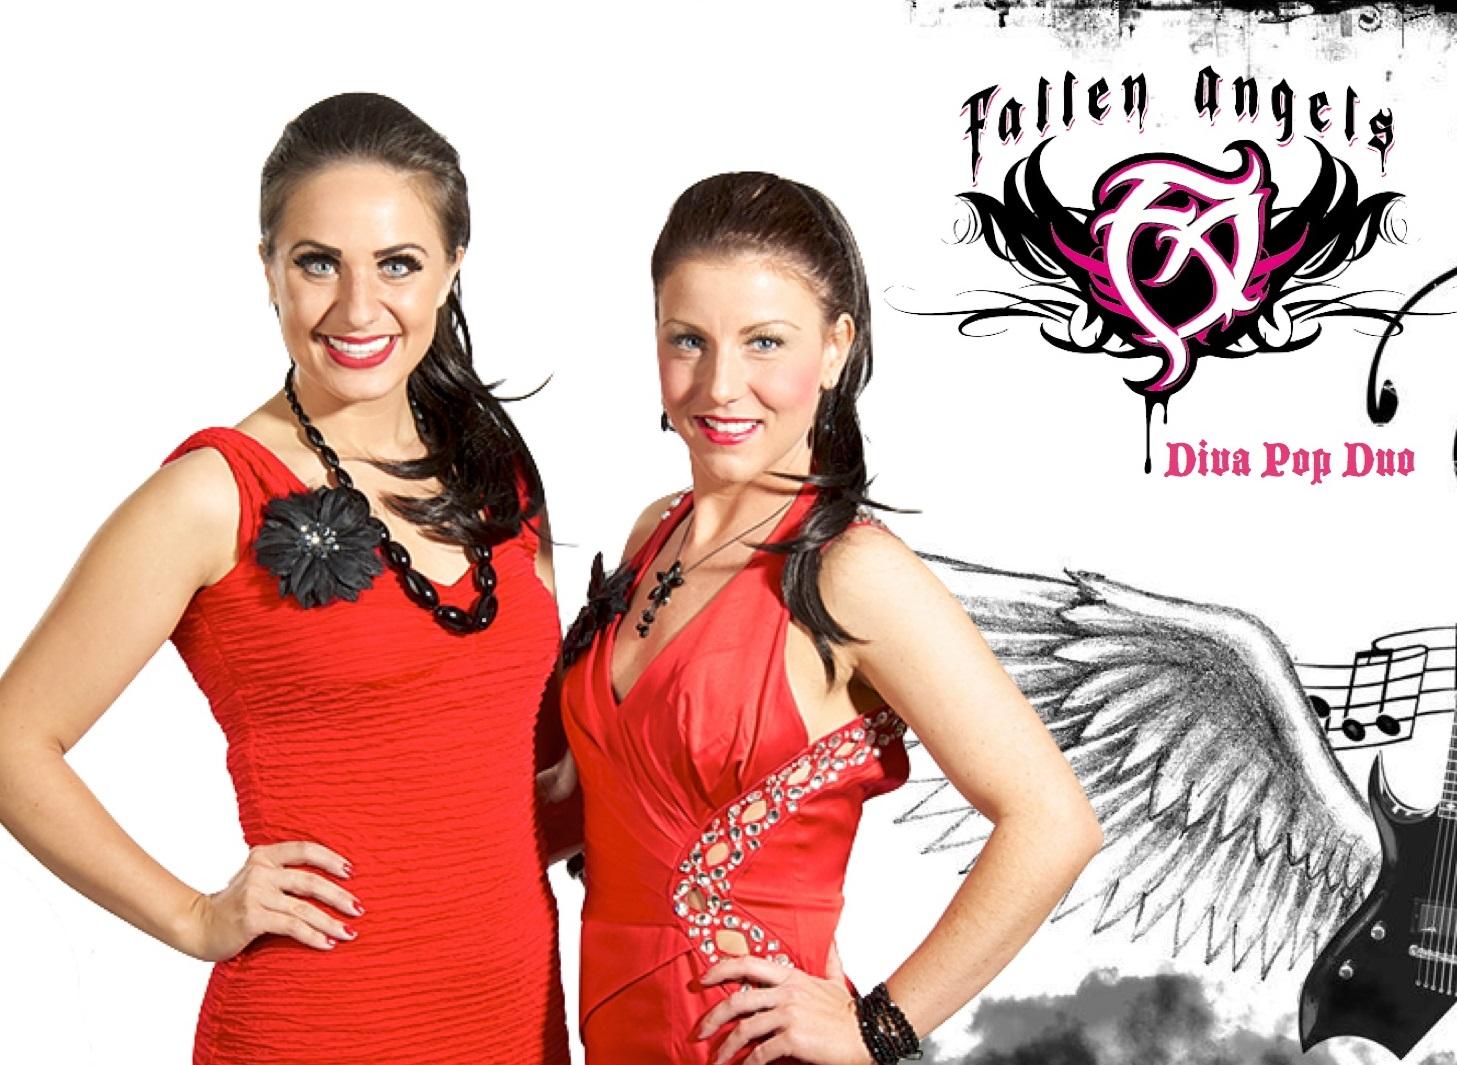 Fallen Angels Duo